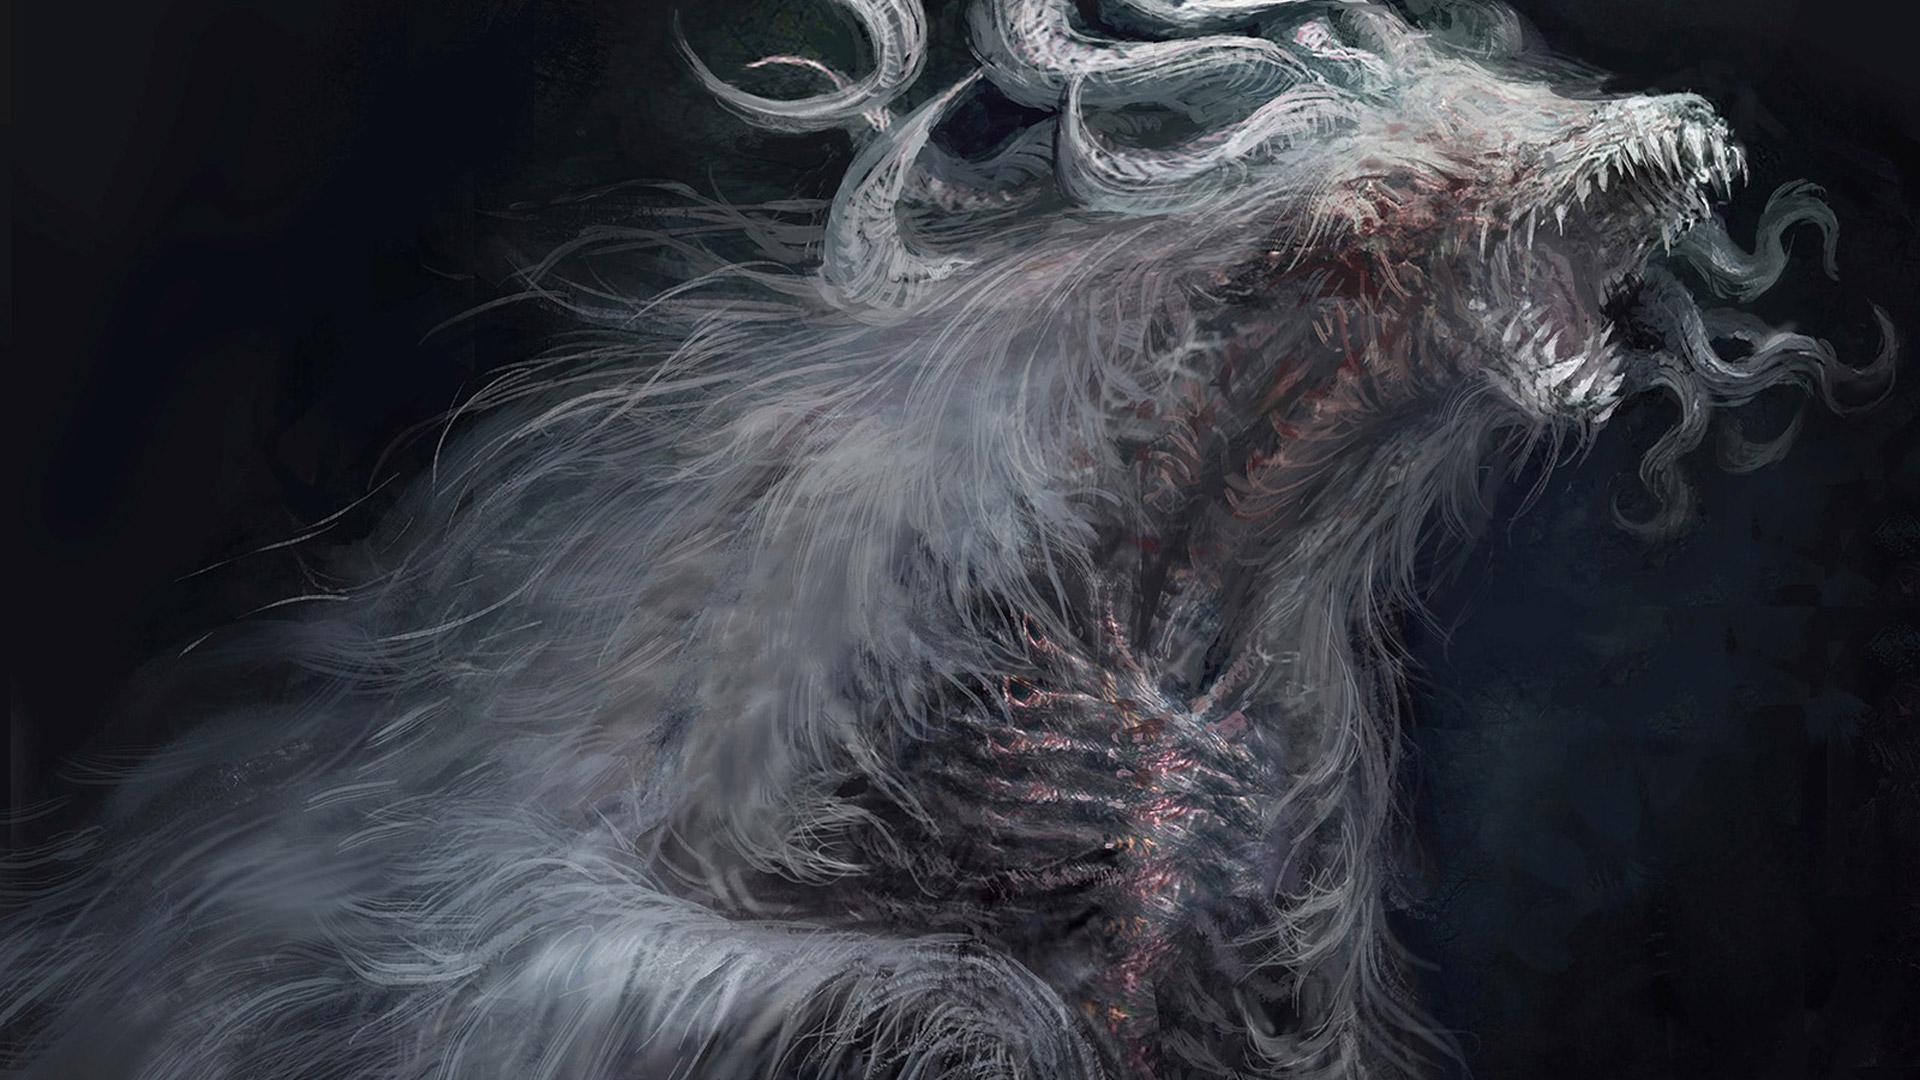 Free Dark Souls III Wallpaper in 1920x1080